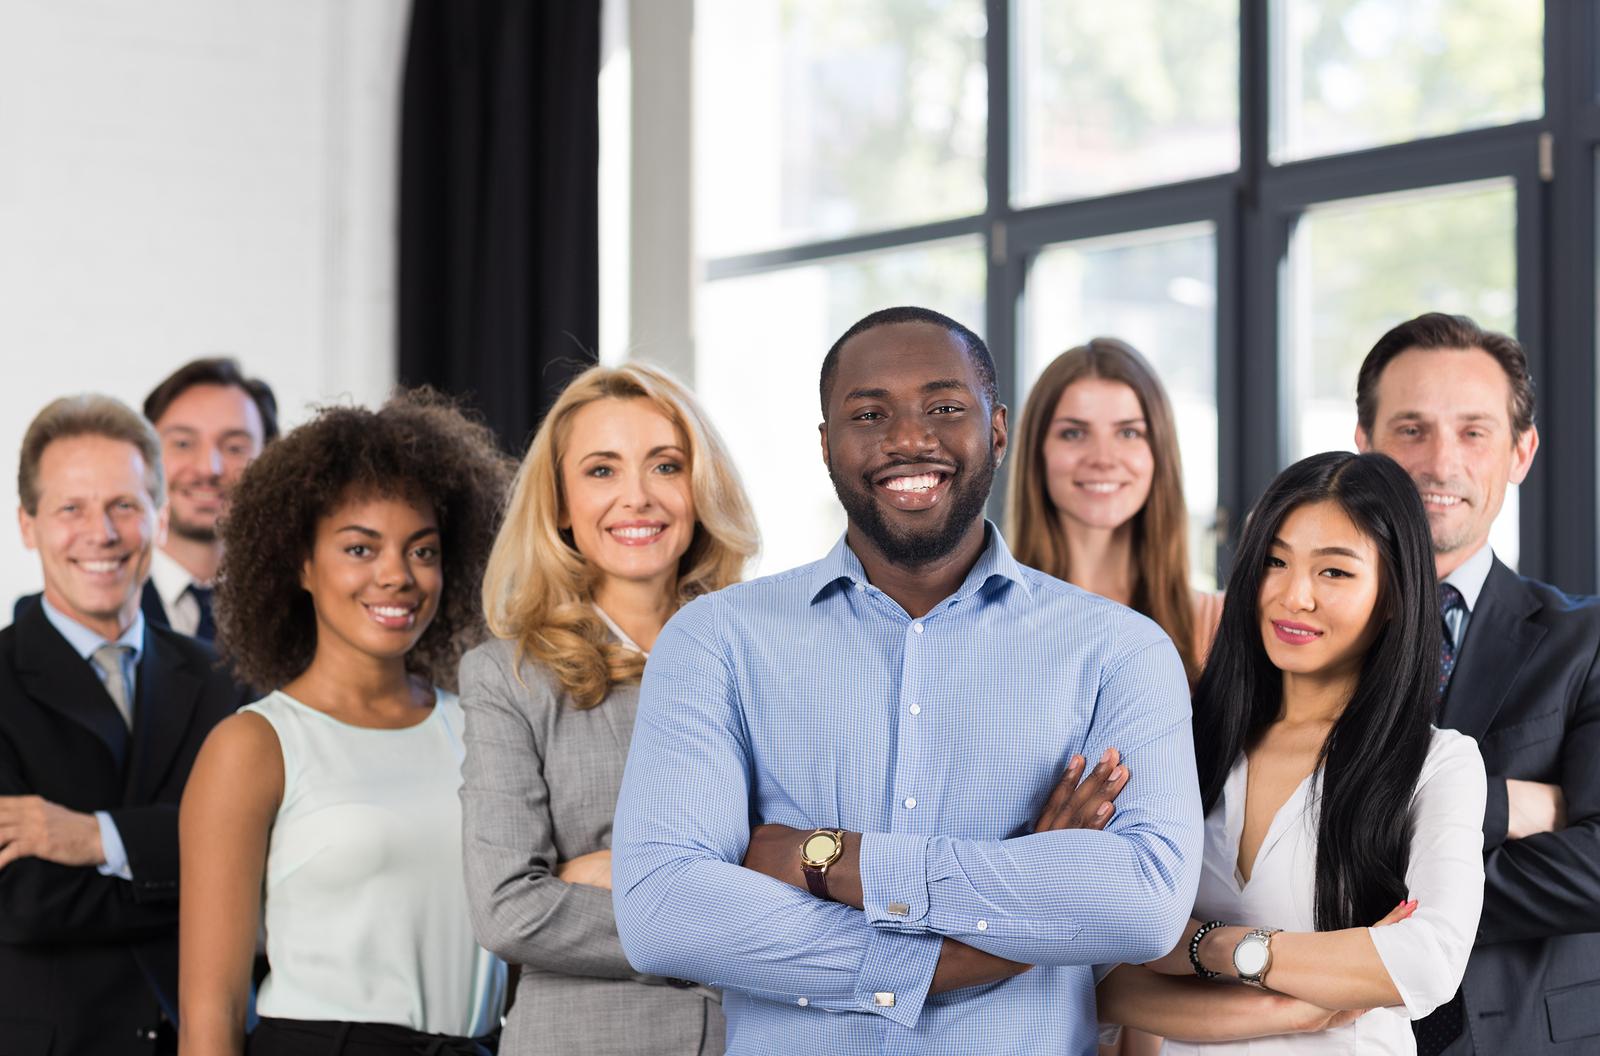 Corporate team of divrse professionals